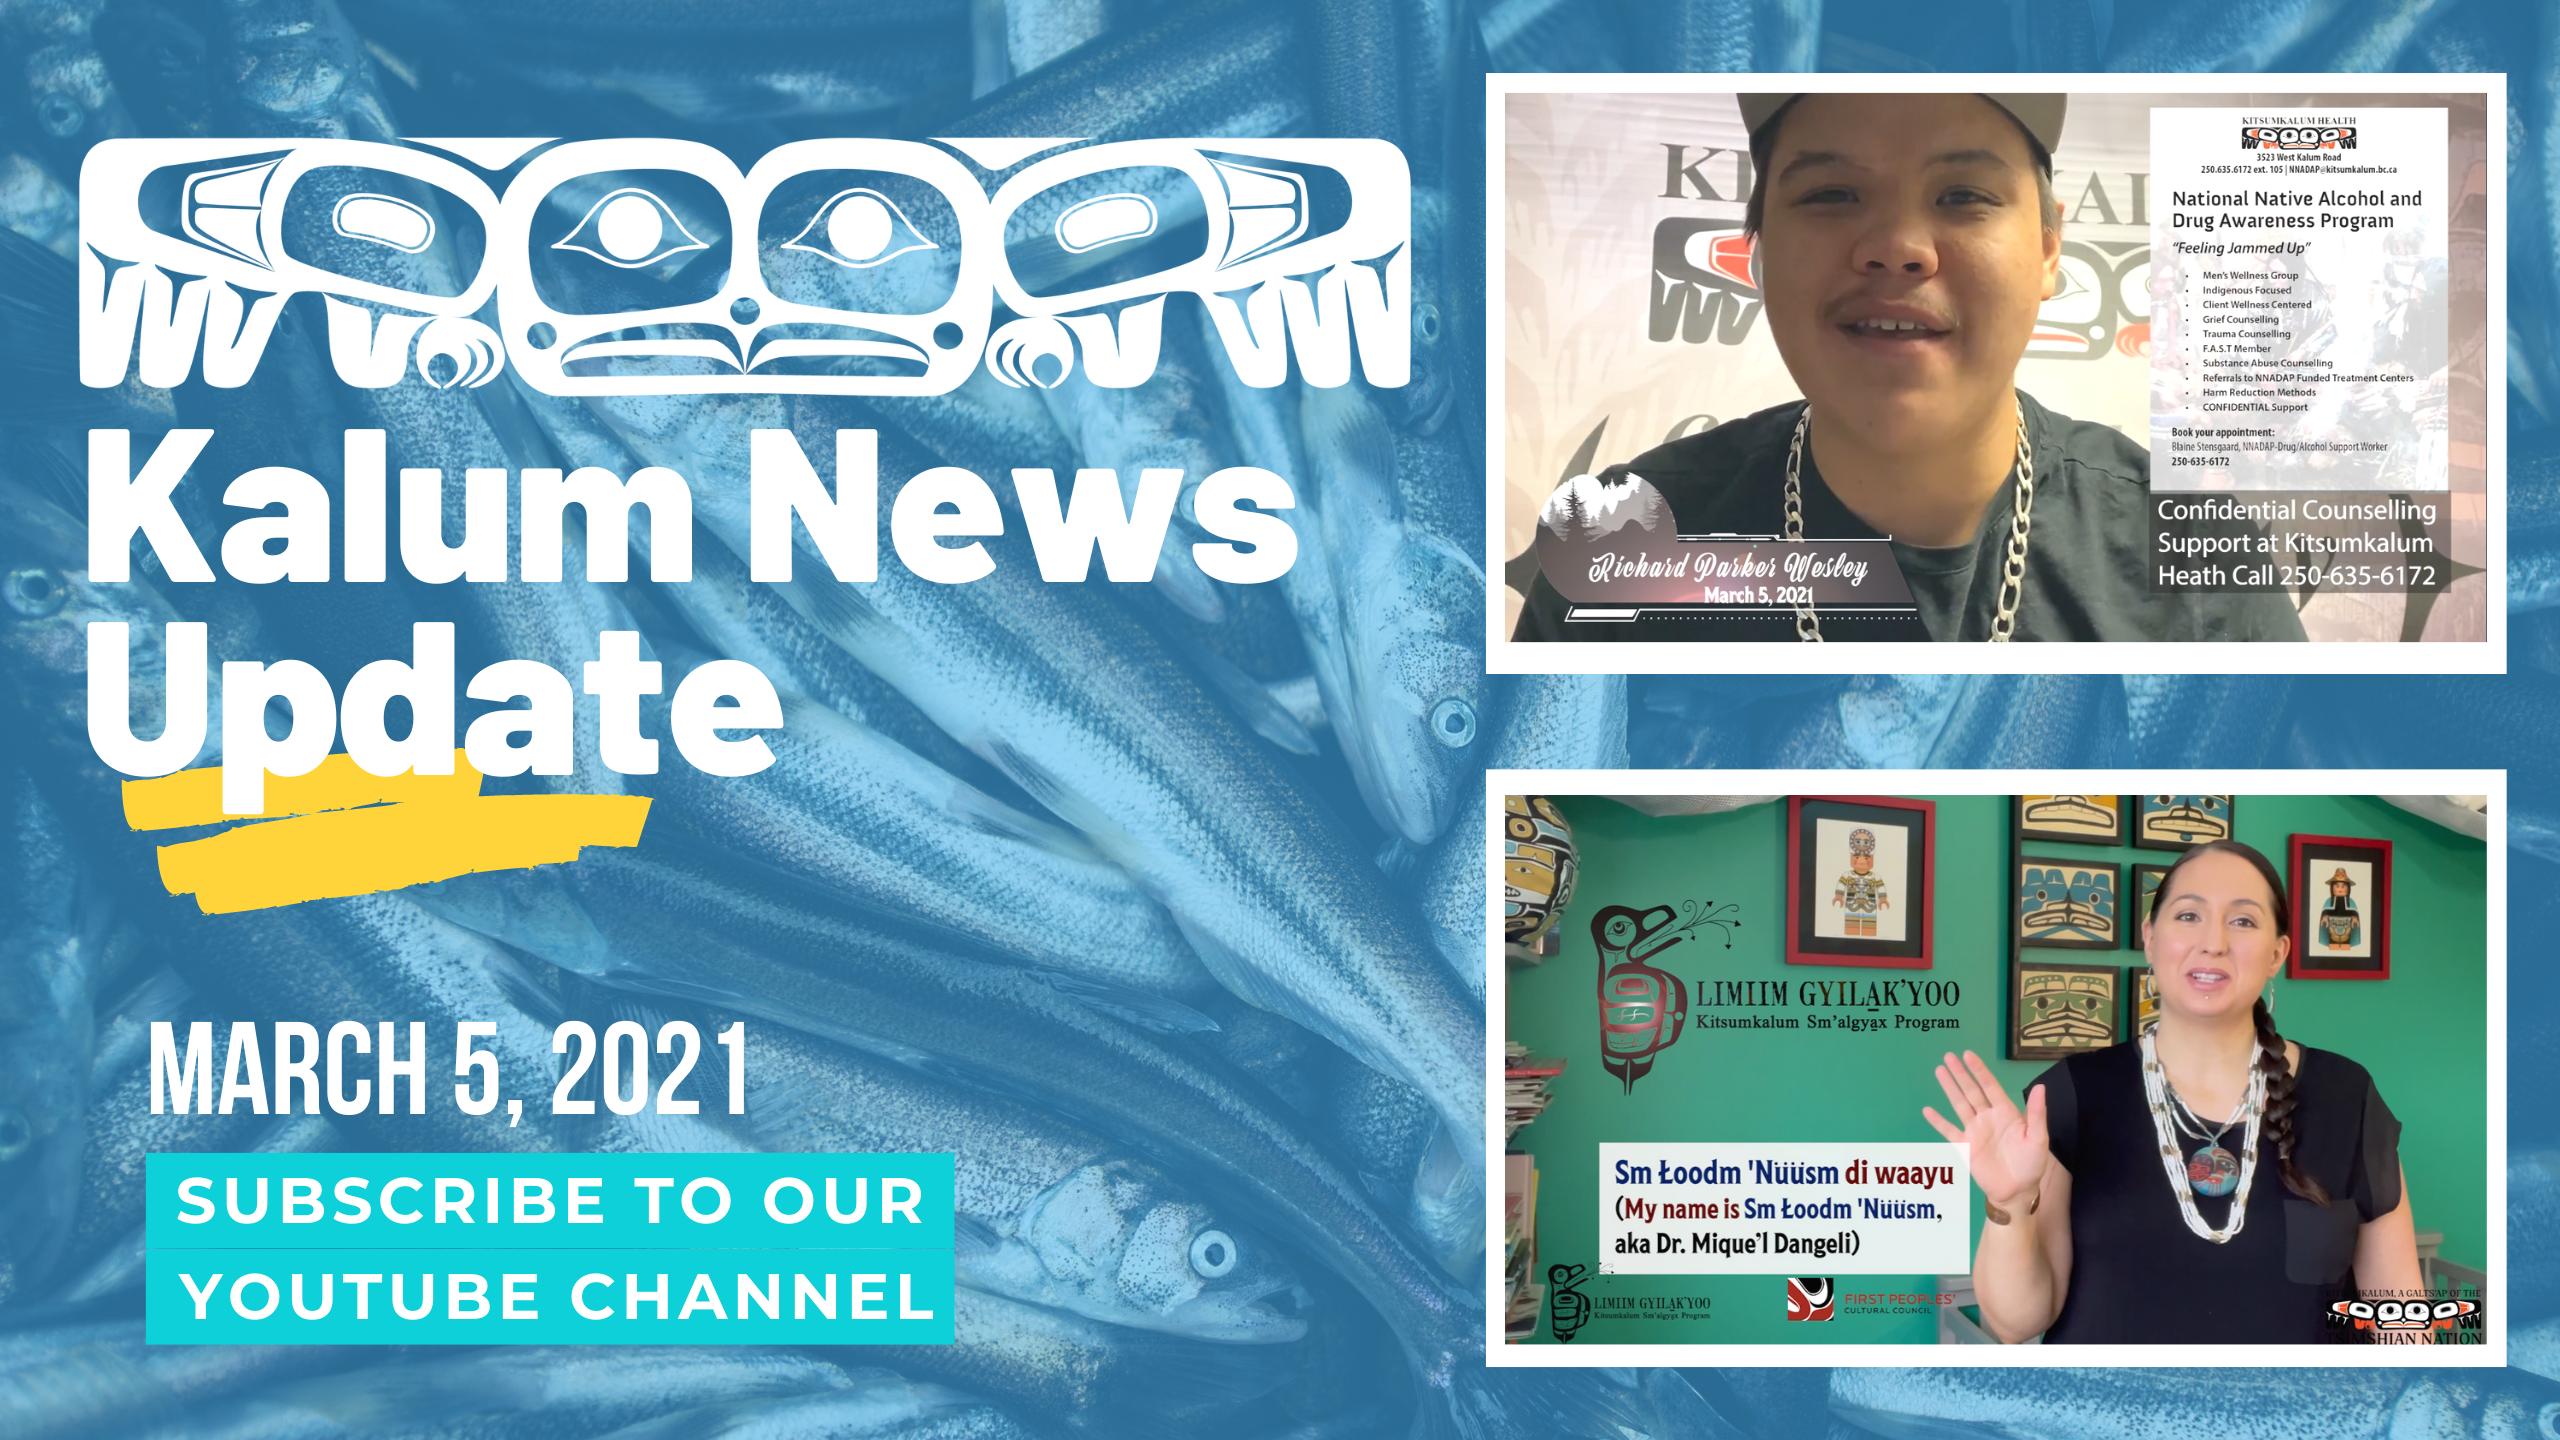 Kalum News Video Update – March 5, 2021